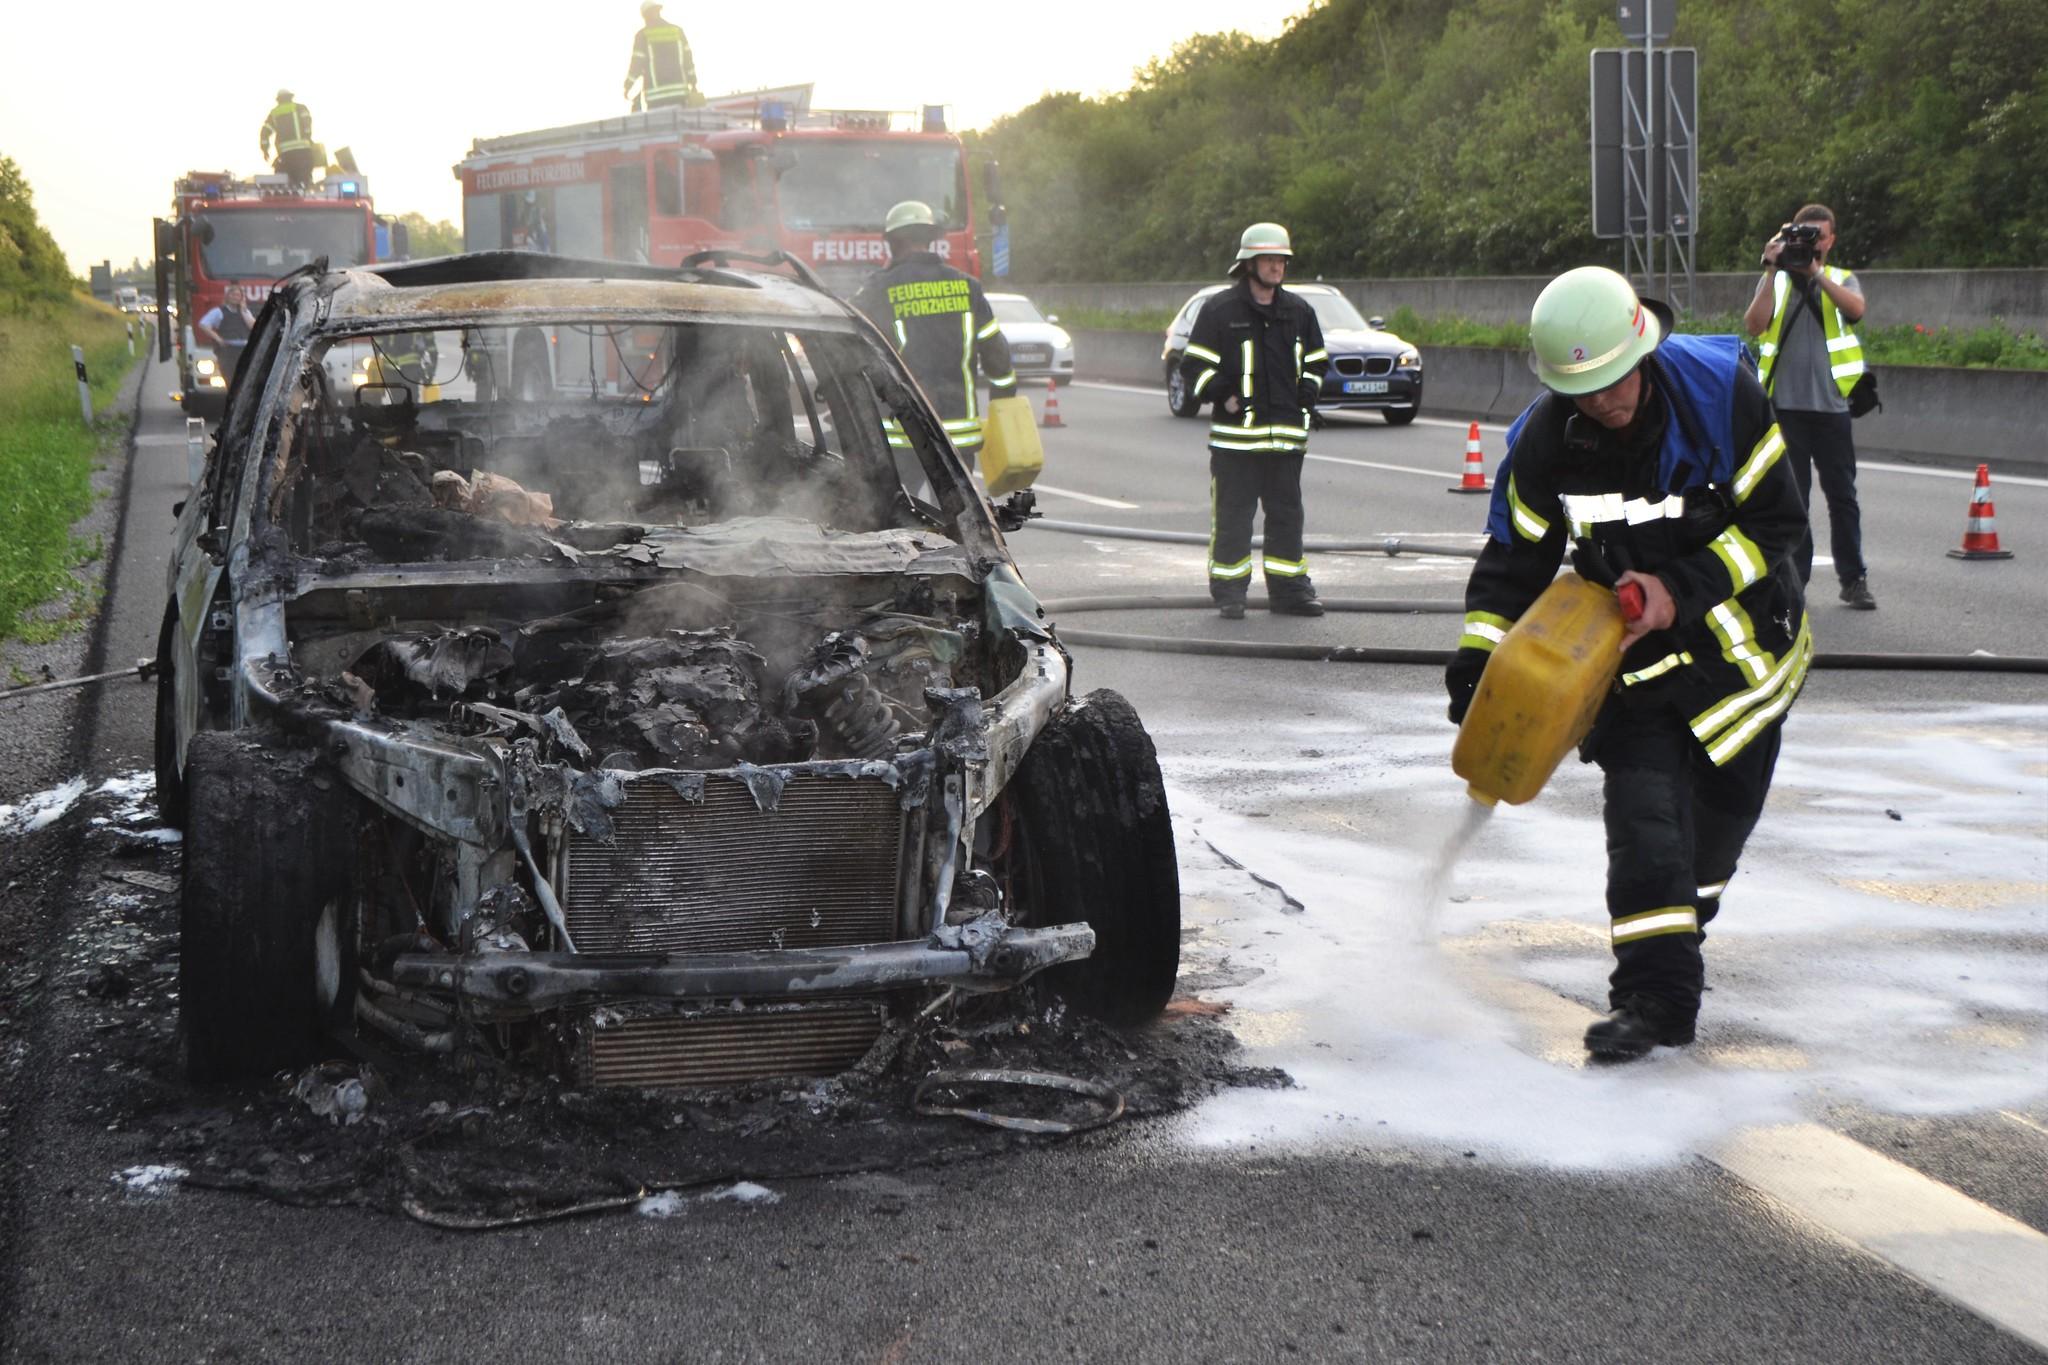 Sehr geehrte Redaktion,  Ort: A8 in Fahrtrichtung Karlsruhe Datum/Uhrzeit: 27.05.2018  ca. 20:00  Zu einem PKW Brand musste die Pforzheimer Feuerwehr am Sonntagabend gegen 20:00 Uhr ausrücken. Ein auf der A8 mit einer Familie besetzter Wagen fing während